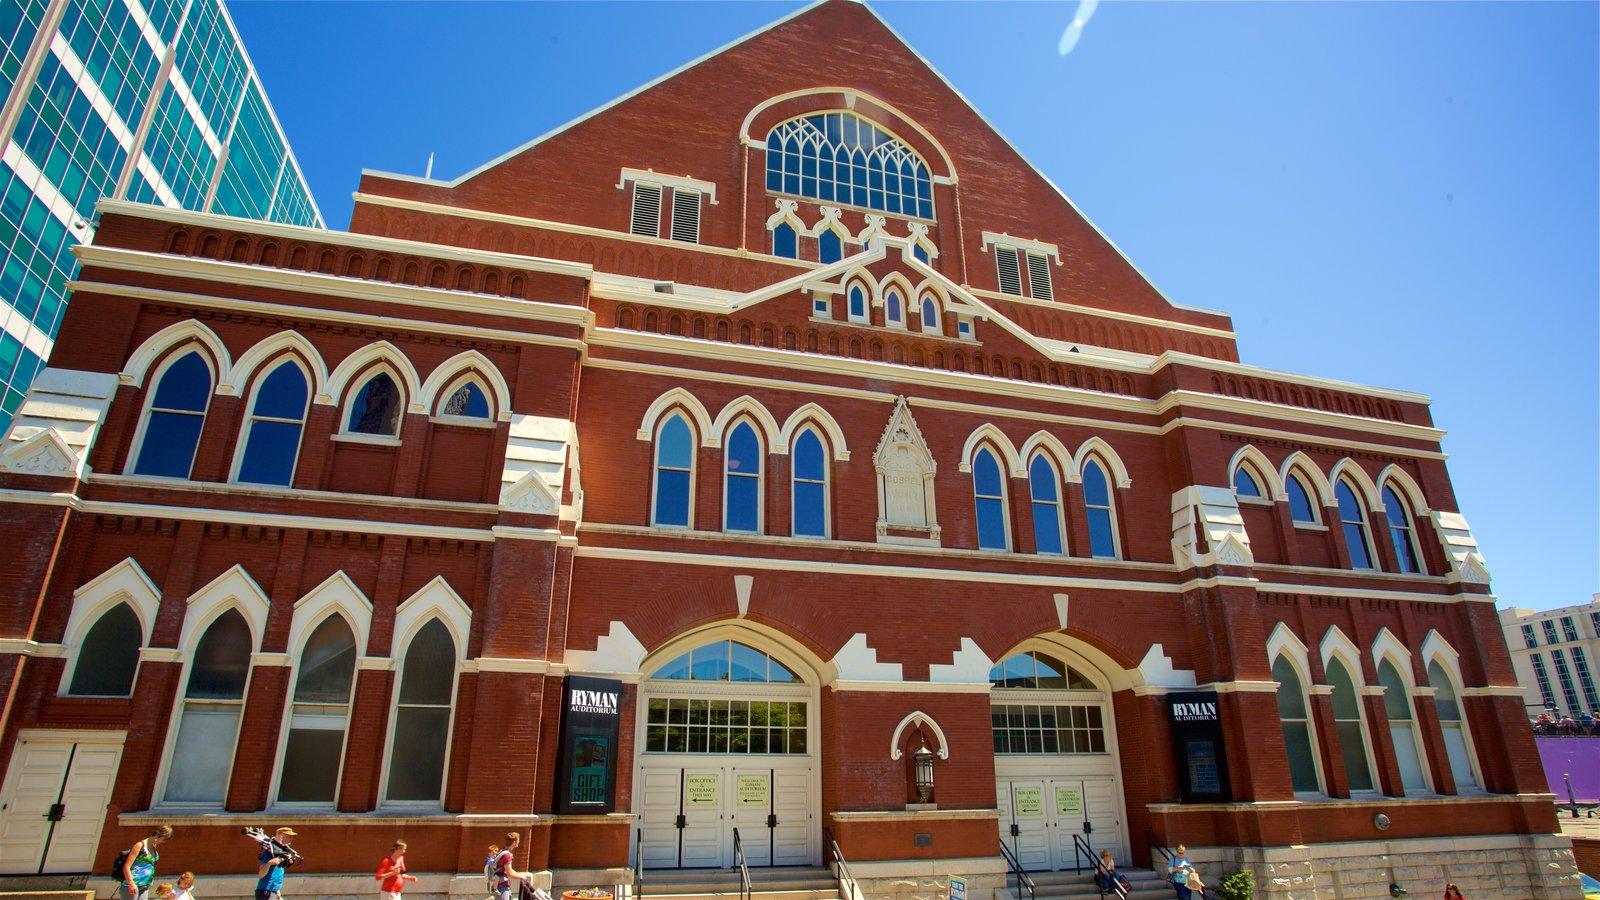 Ryman Auditorium que incluye elementos del patrimonio